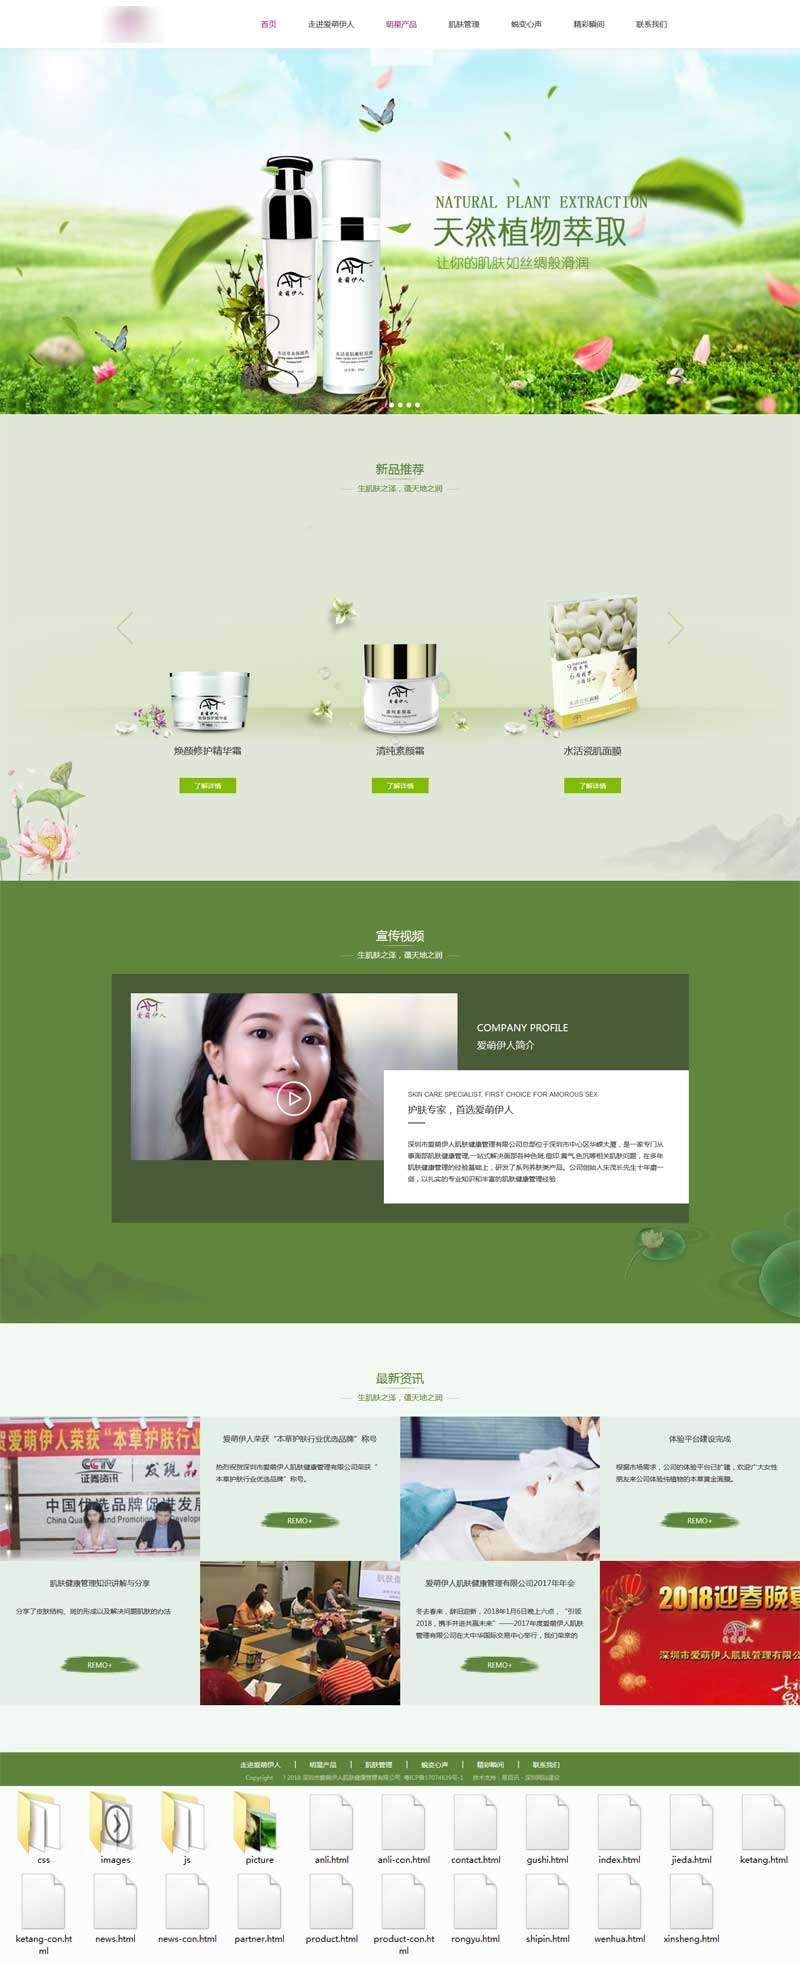 大气的肌肤健康化妆品公司网站响应式模板